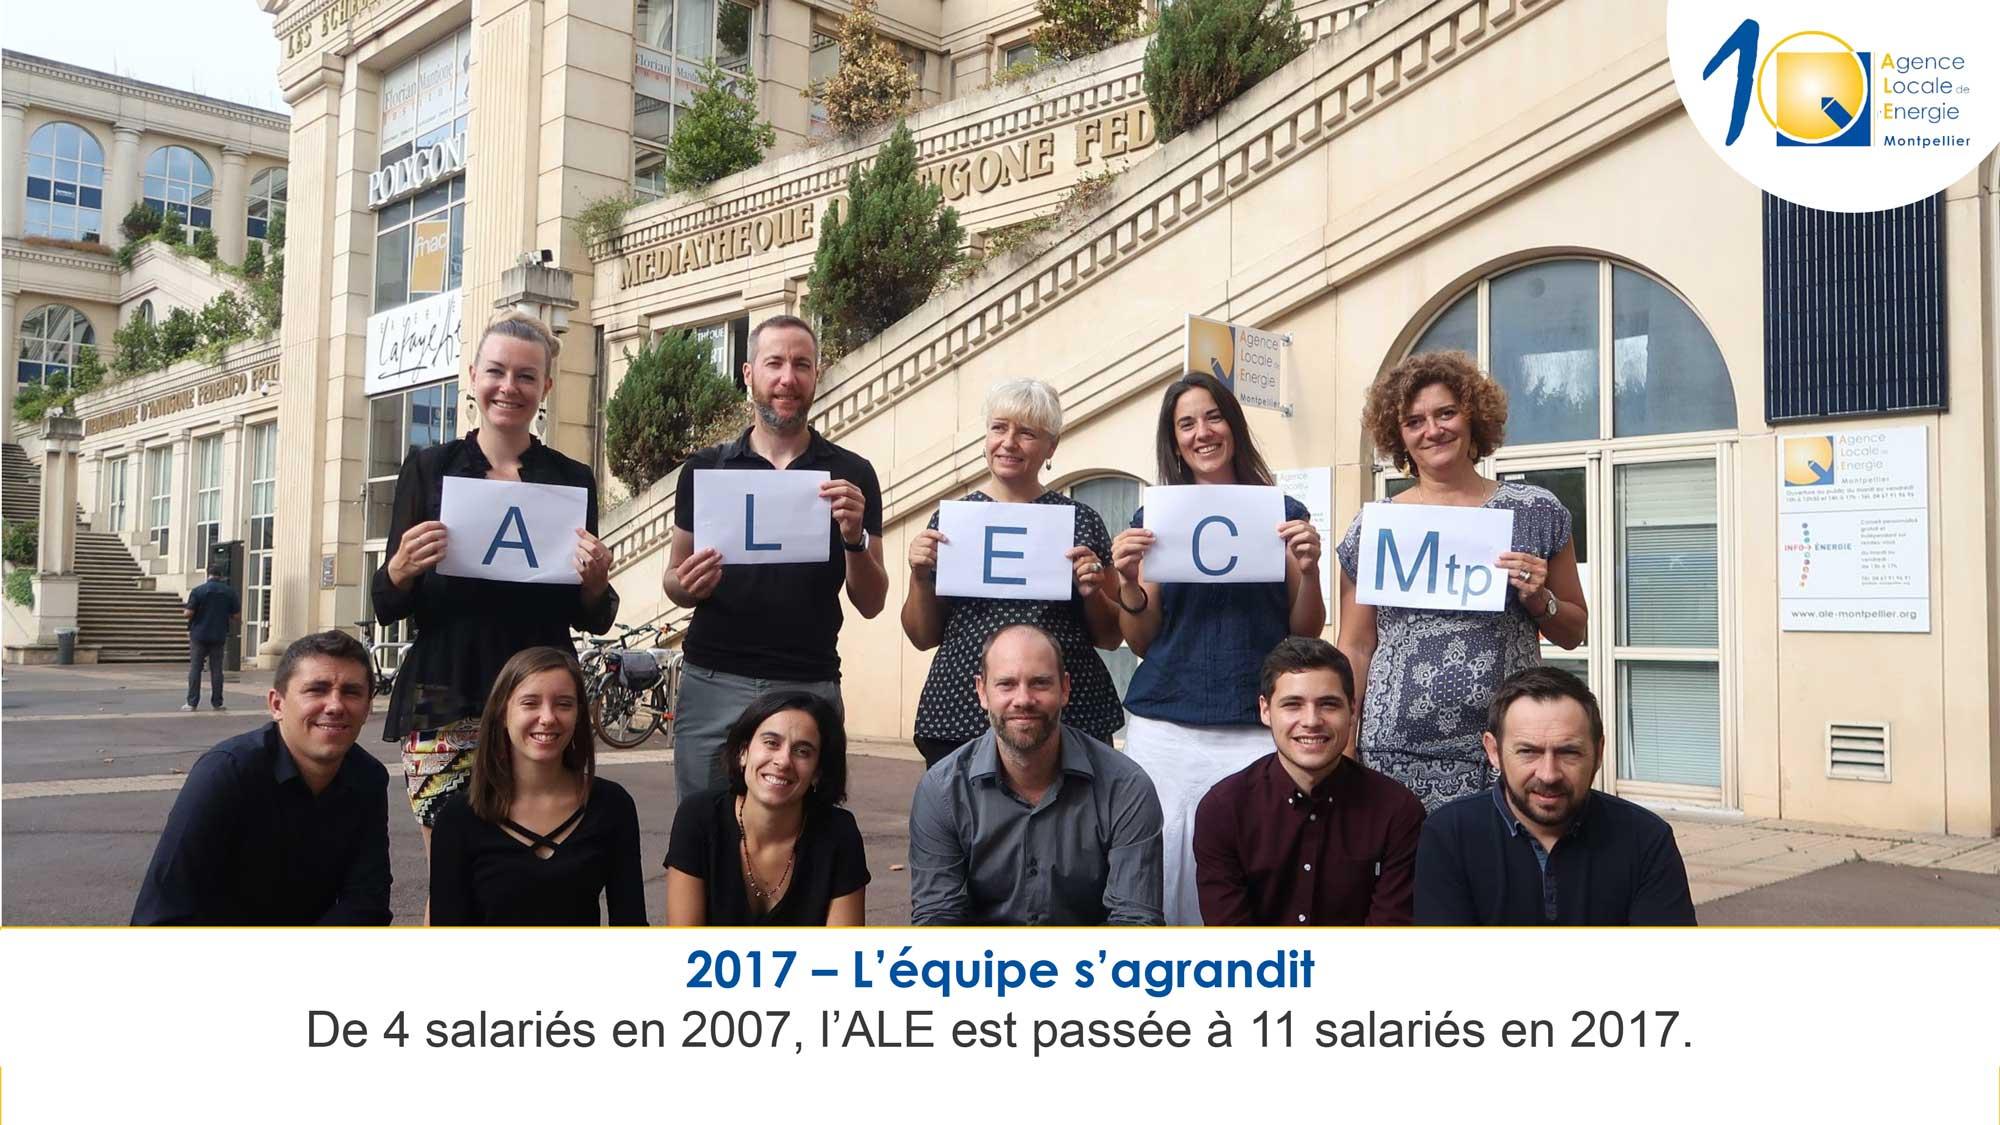 ALEC 2017 l'équipe s'agrandit